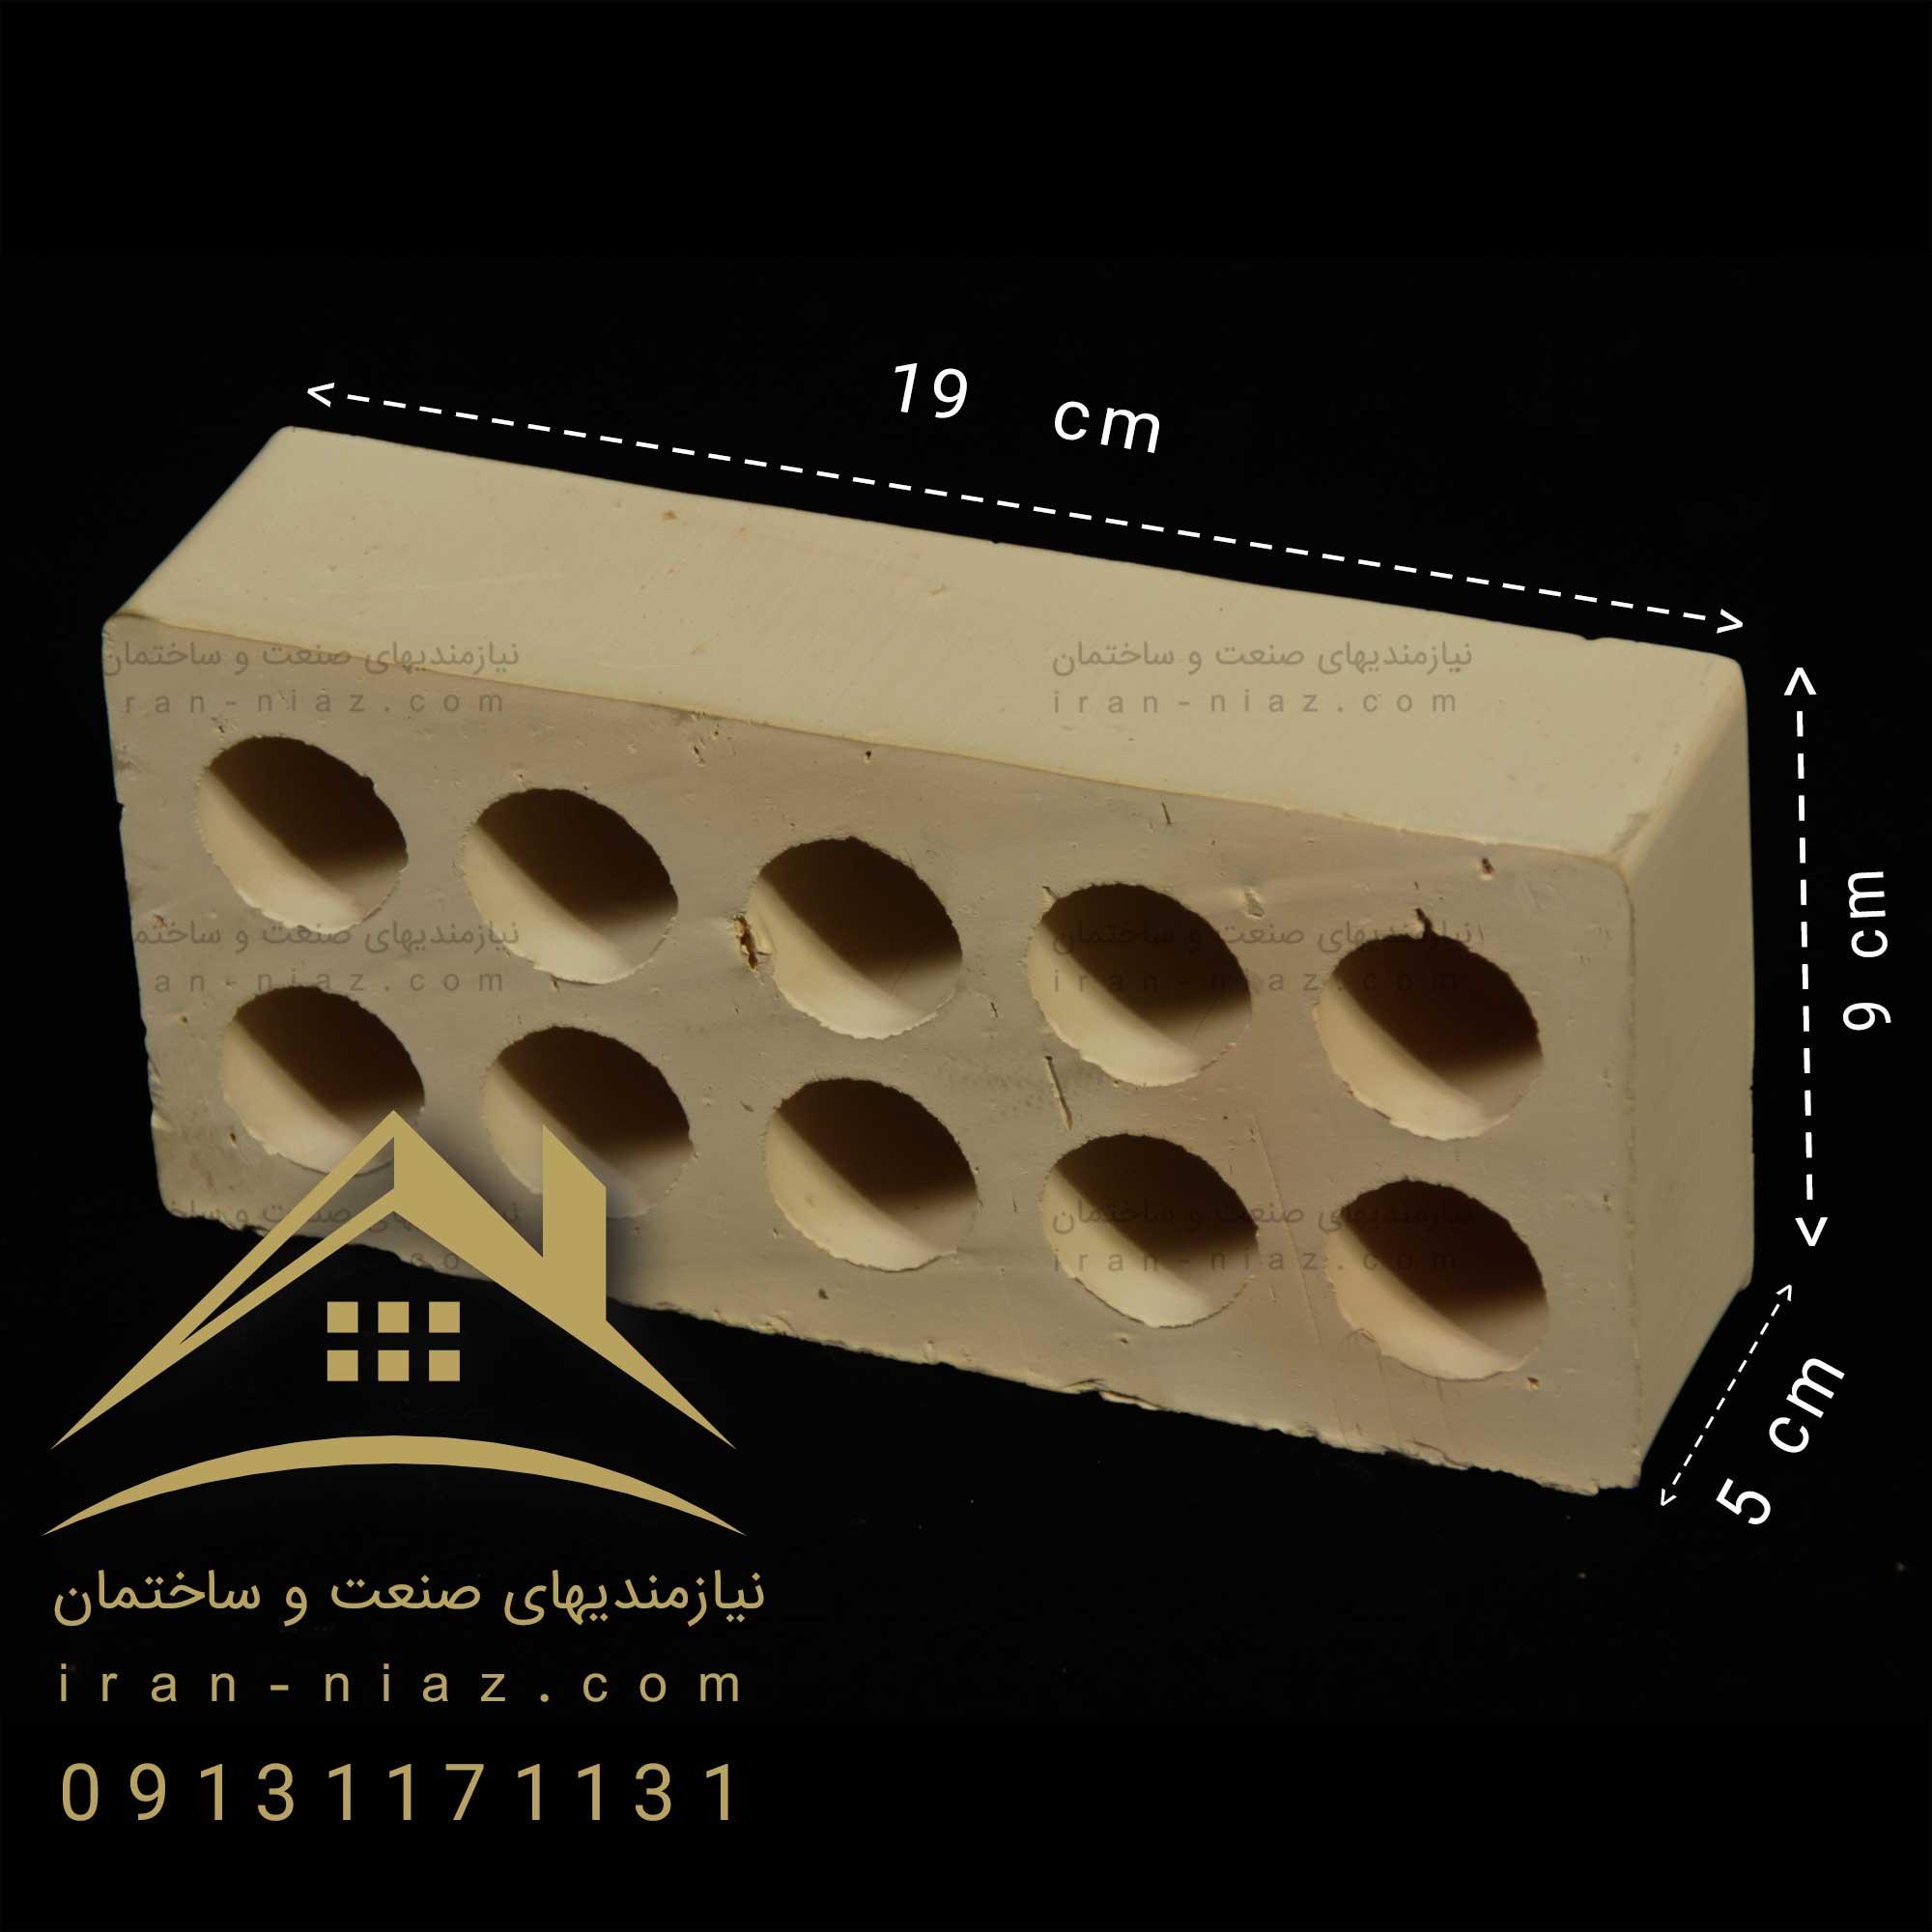 قالب-کوچک-اصفهان-فتاحی19-9-5